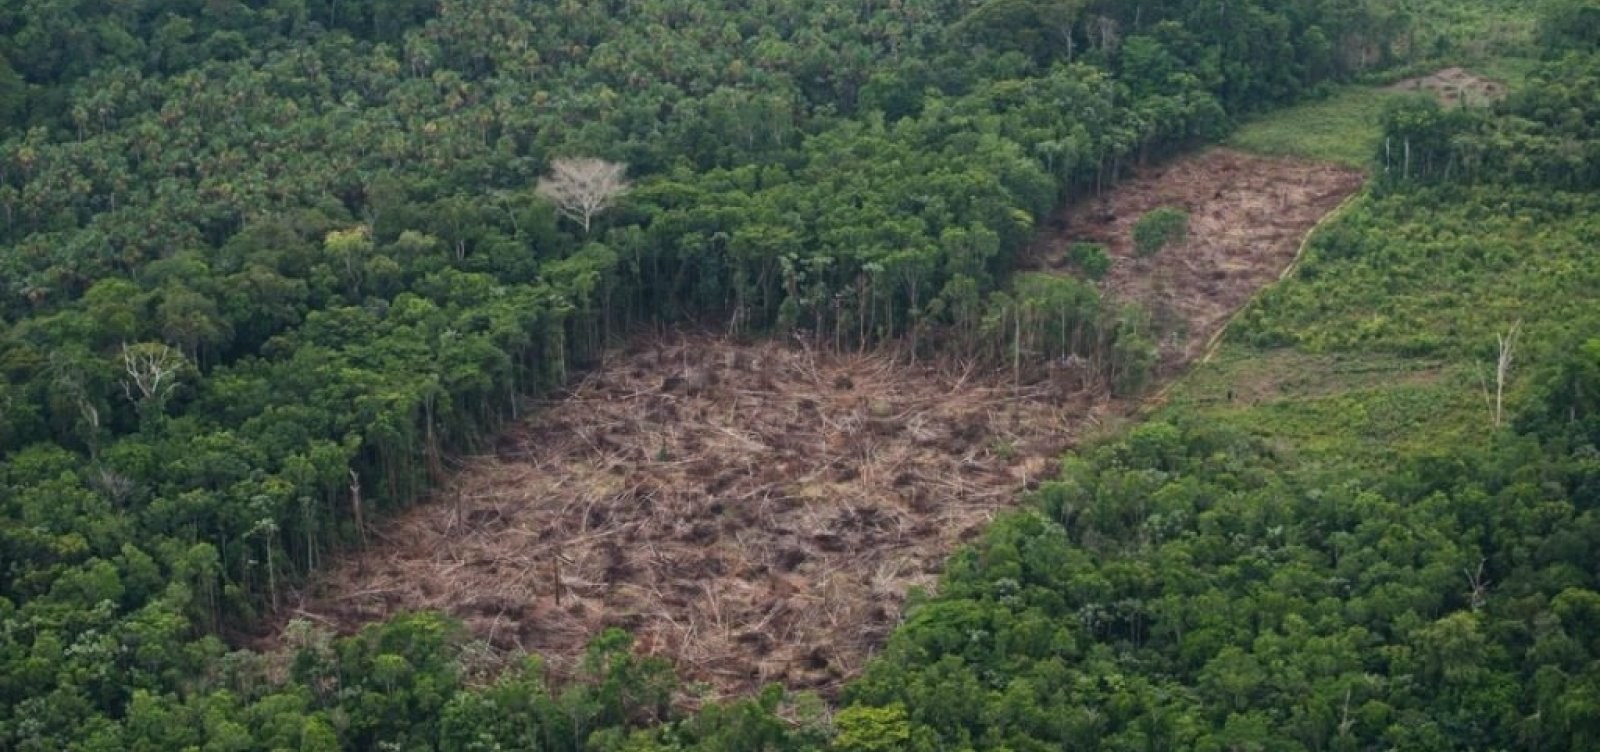 Após Inpe alertar sobre queimadas, governo demite chefe de monitoramento da Amazônia